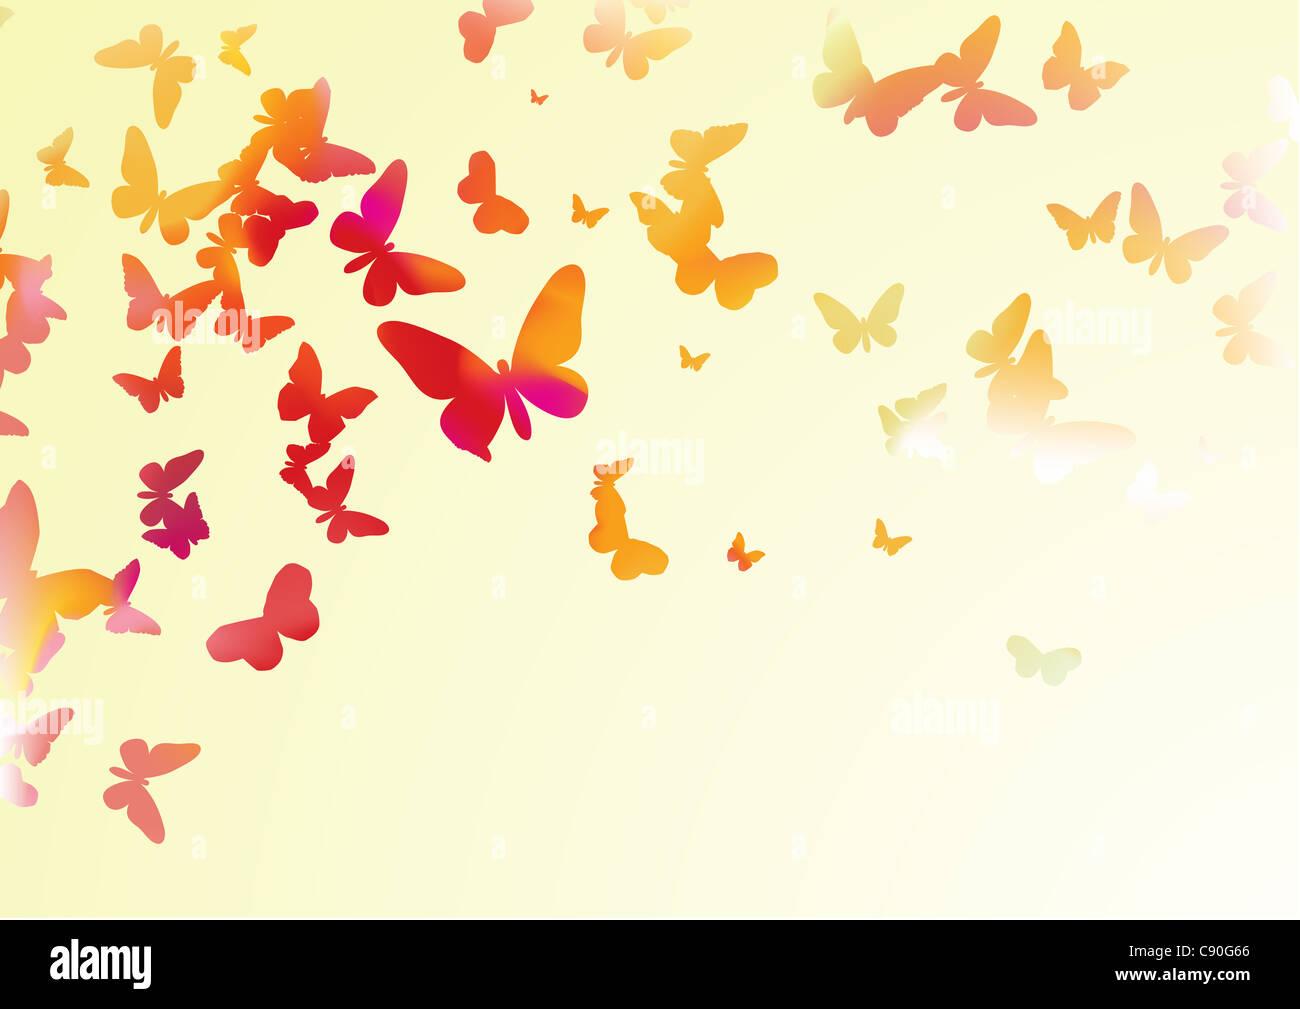 Ilustración de muchas formas diferentes de coloridas mariposas volando alrededor Imagen De Stock